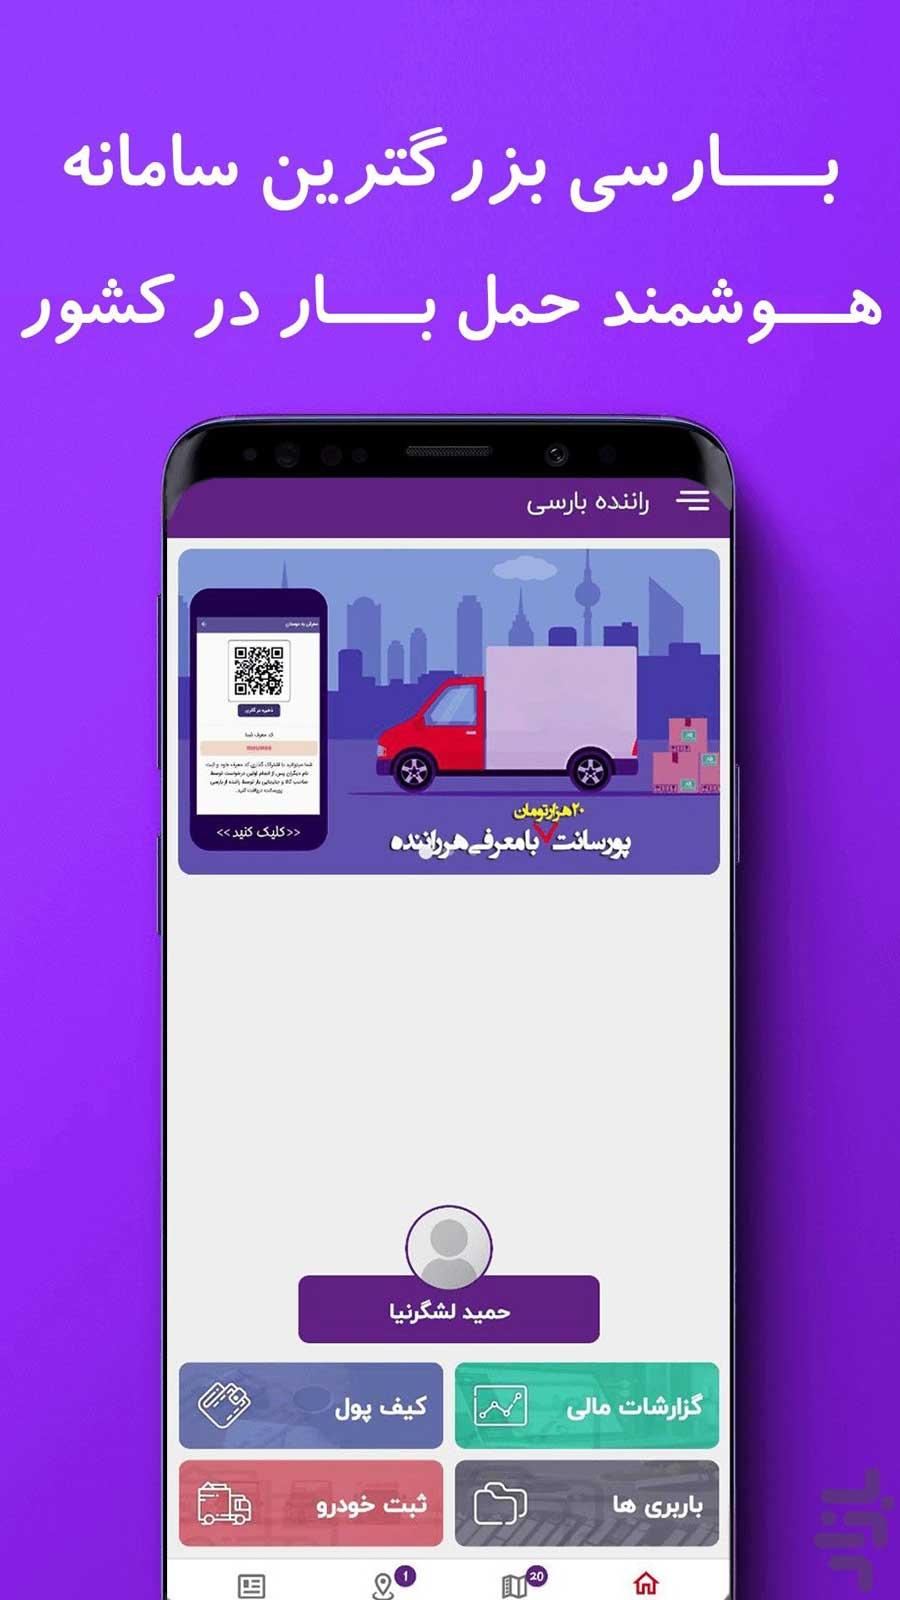 بزرگترین سامانه هوشمند حمل بار آنلاین